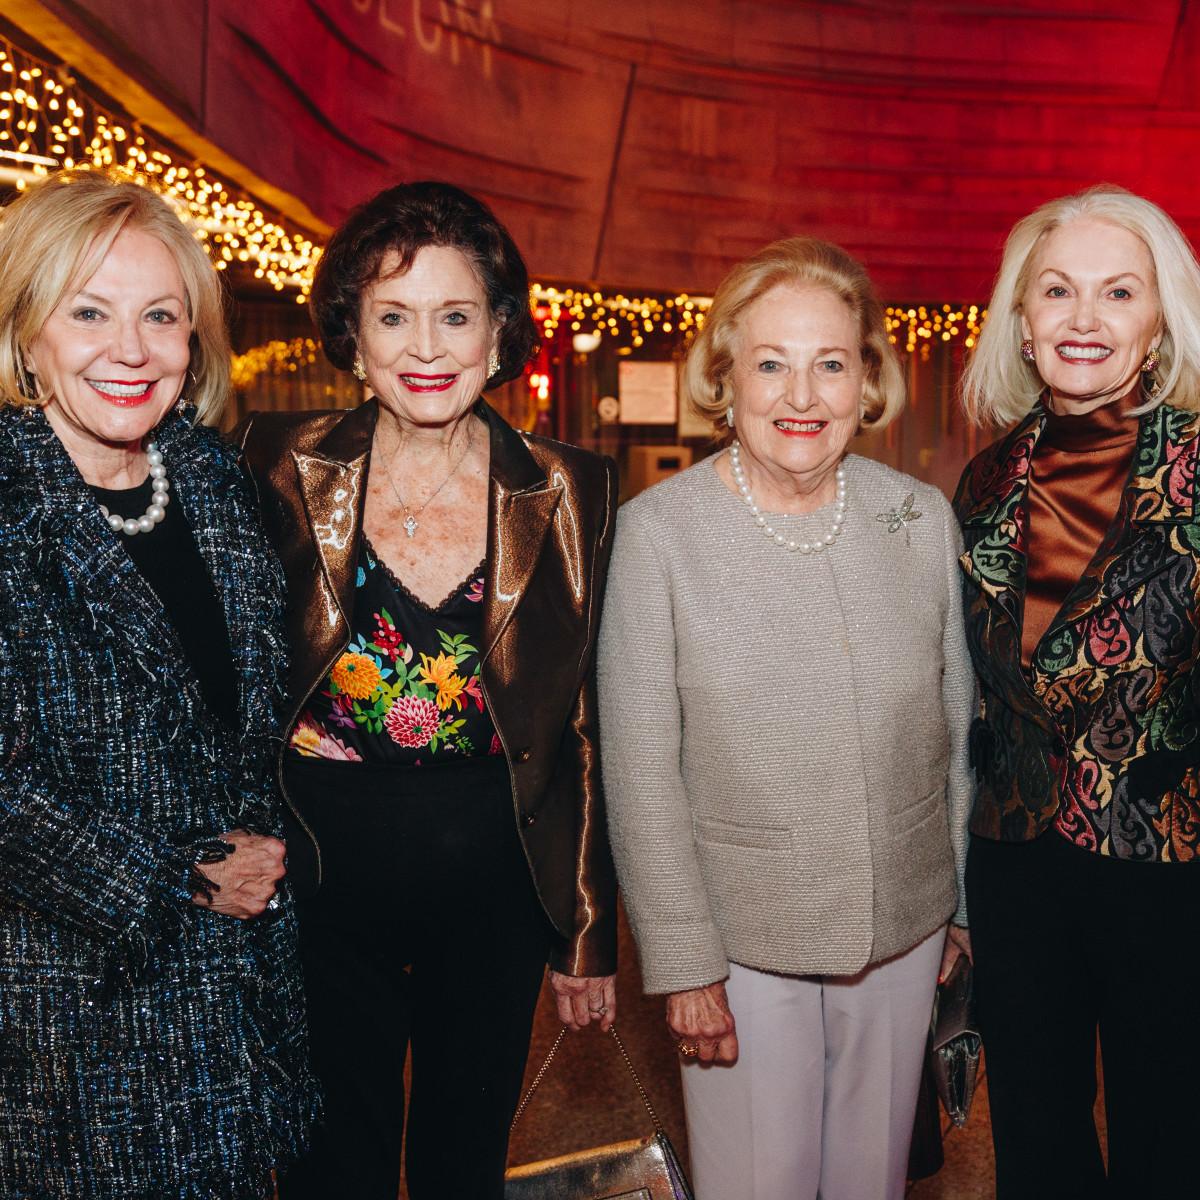 Nelda Cain Pickens, Betsey Urschel, Margot Perot, Nancy Cain Marcus